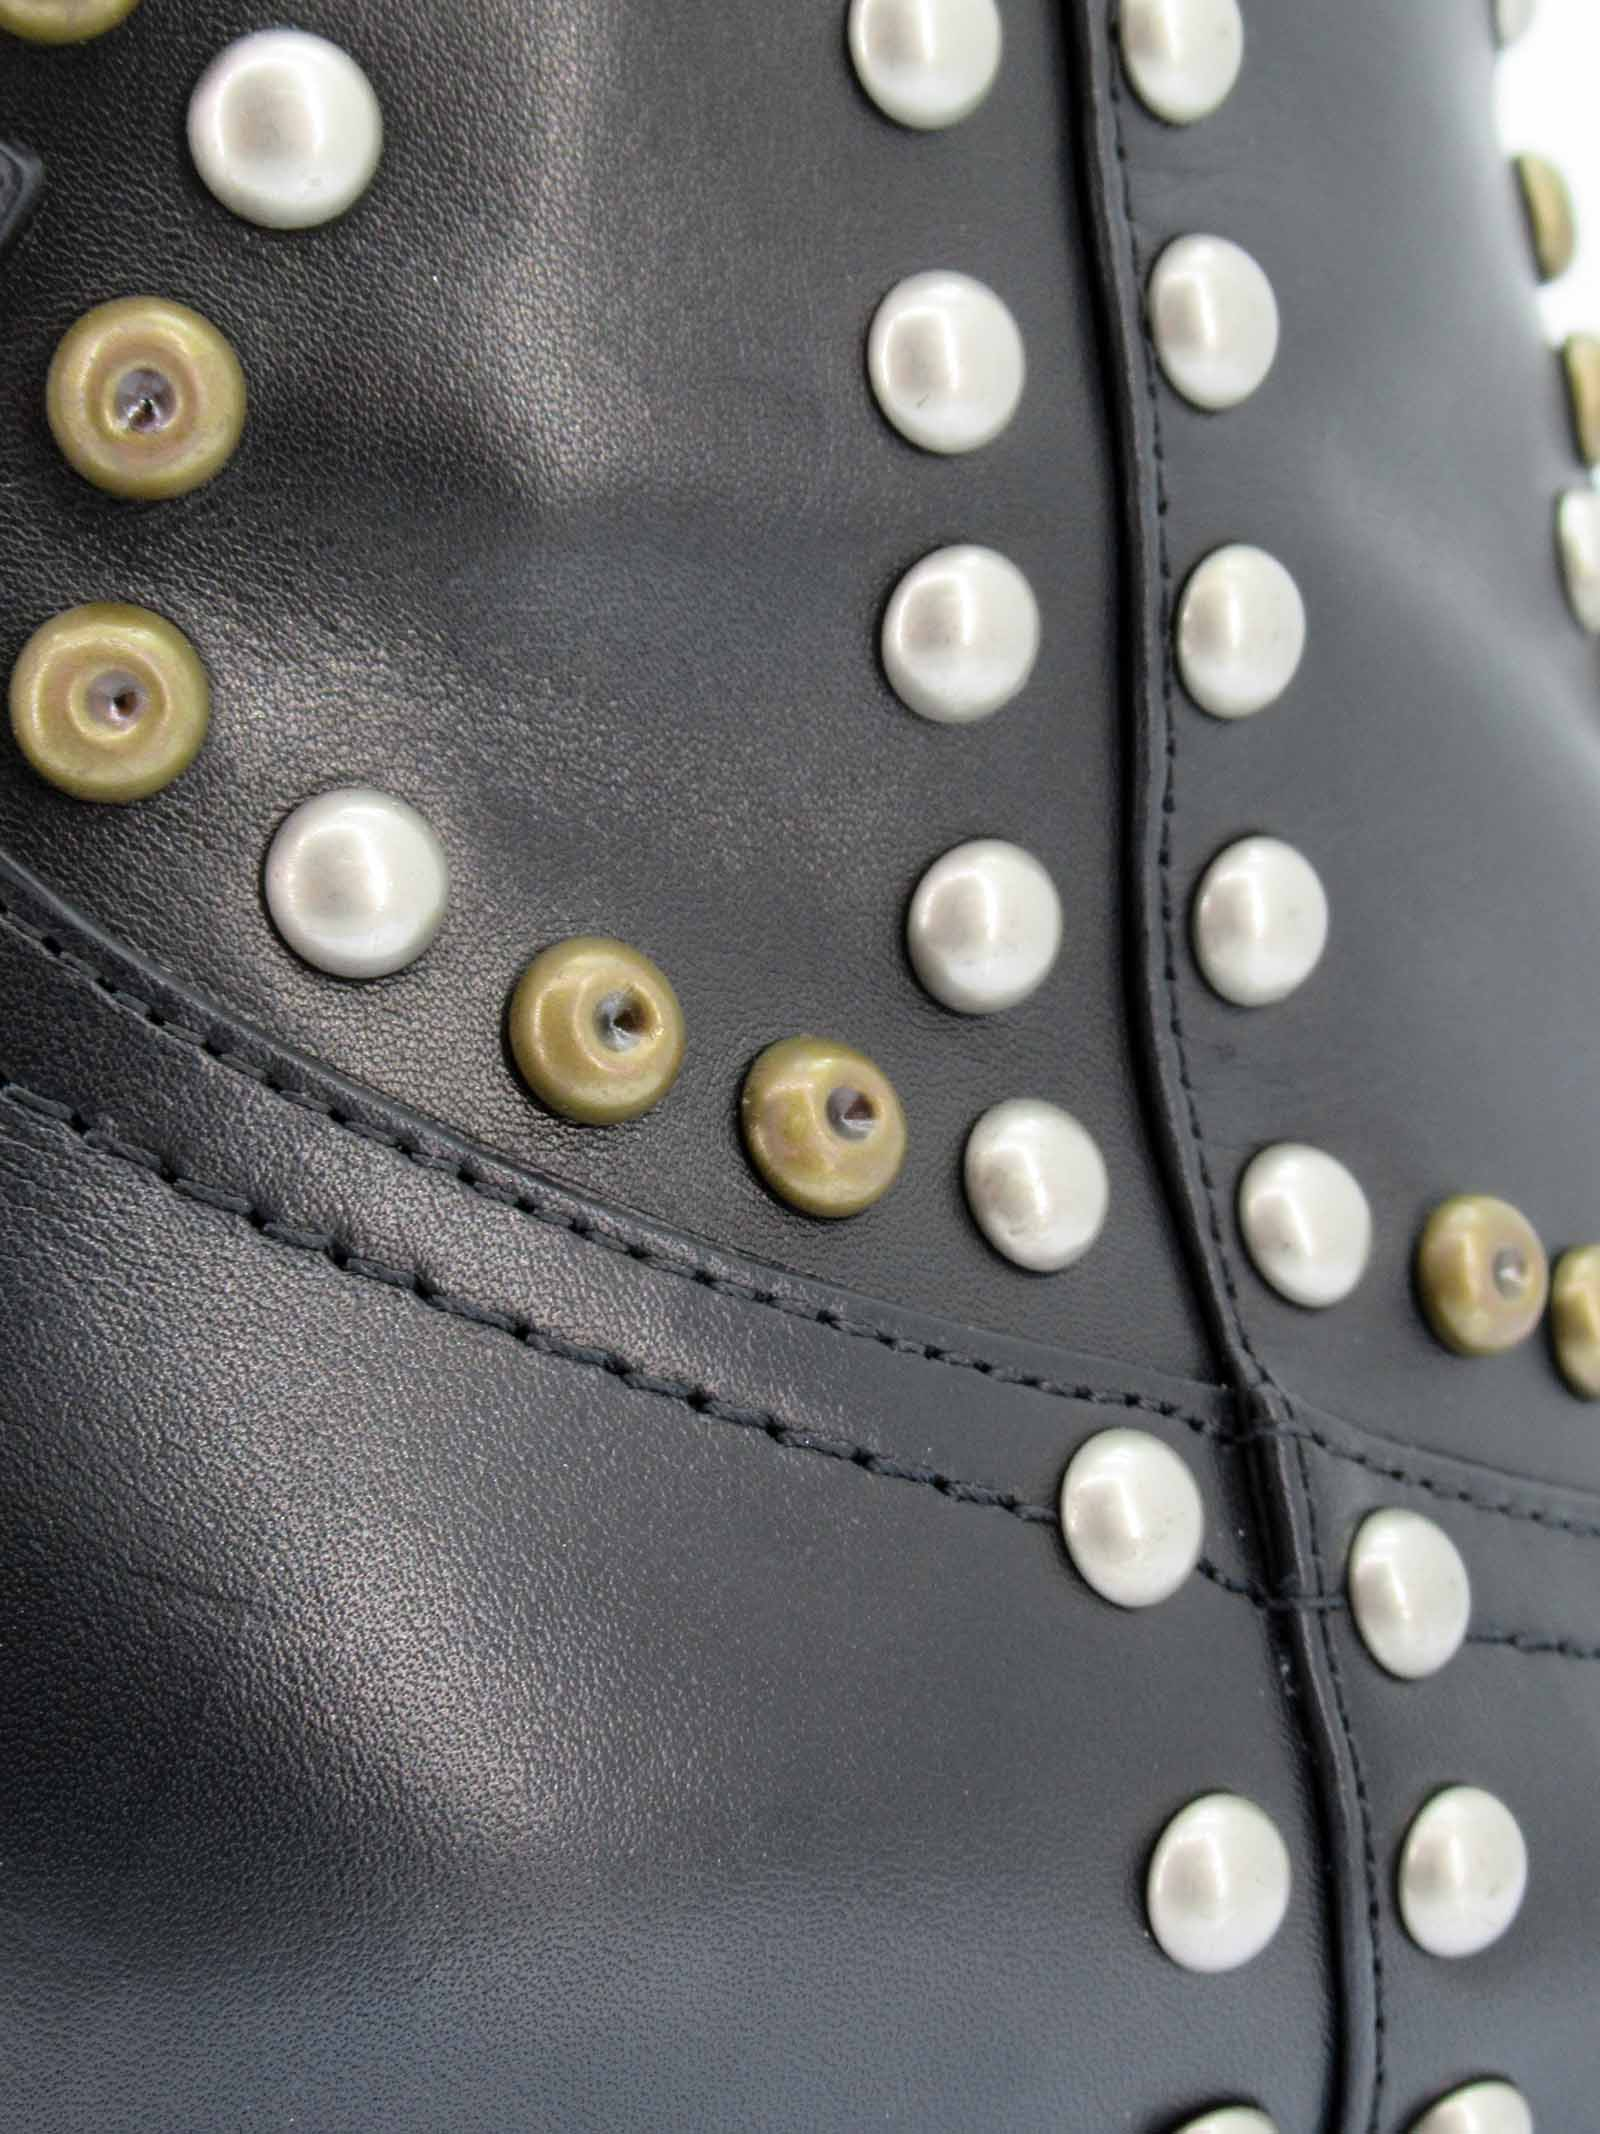 Calzature Donna Stivaletti Texani in Pelle Nera con Borchie in Bronzo e Argento Tacco Texano Lola Cruz | Stivaletti | 266T11BK001